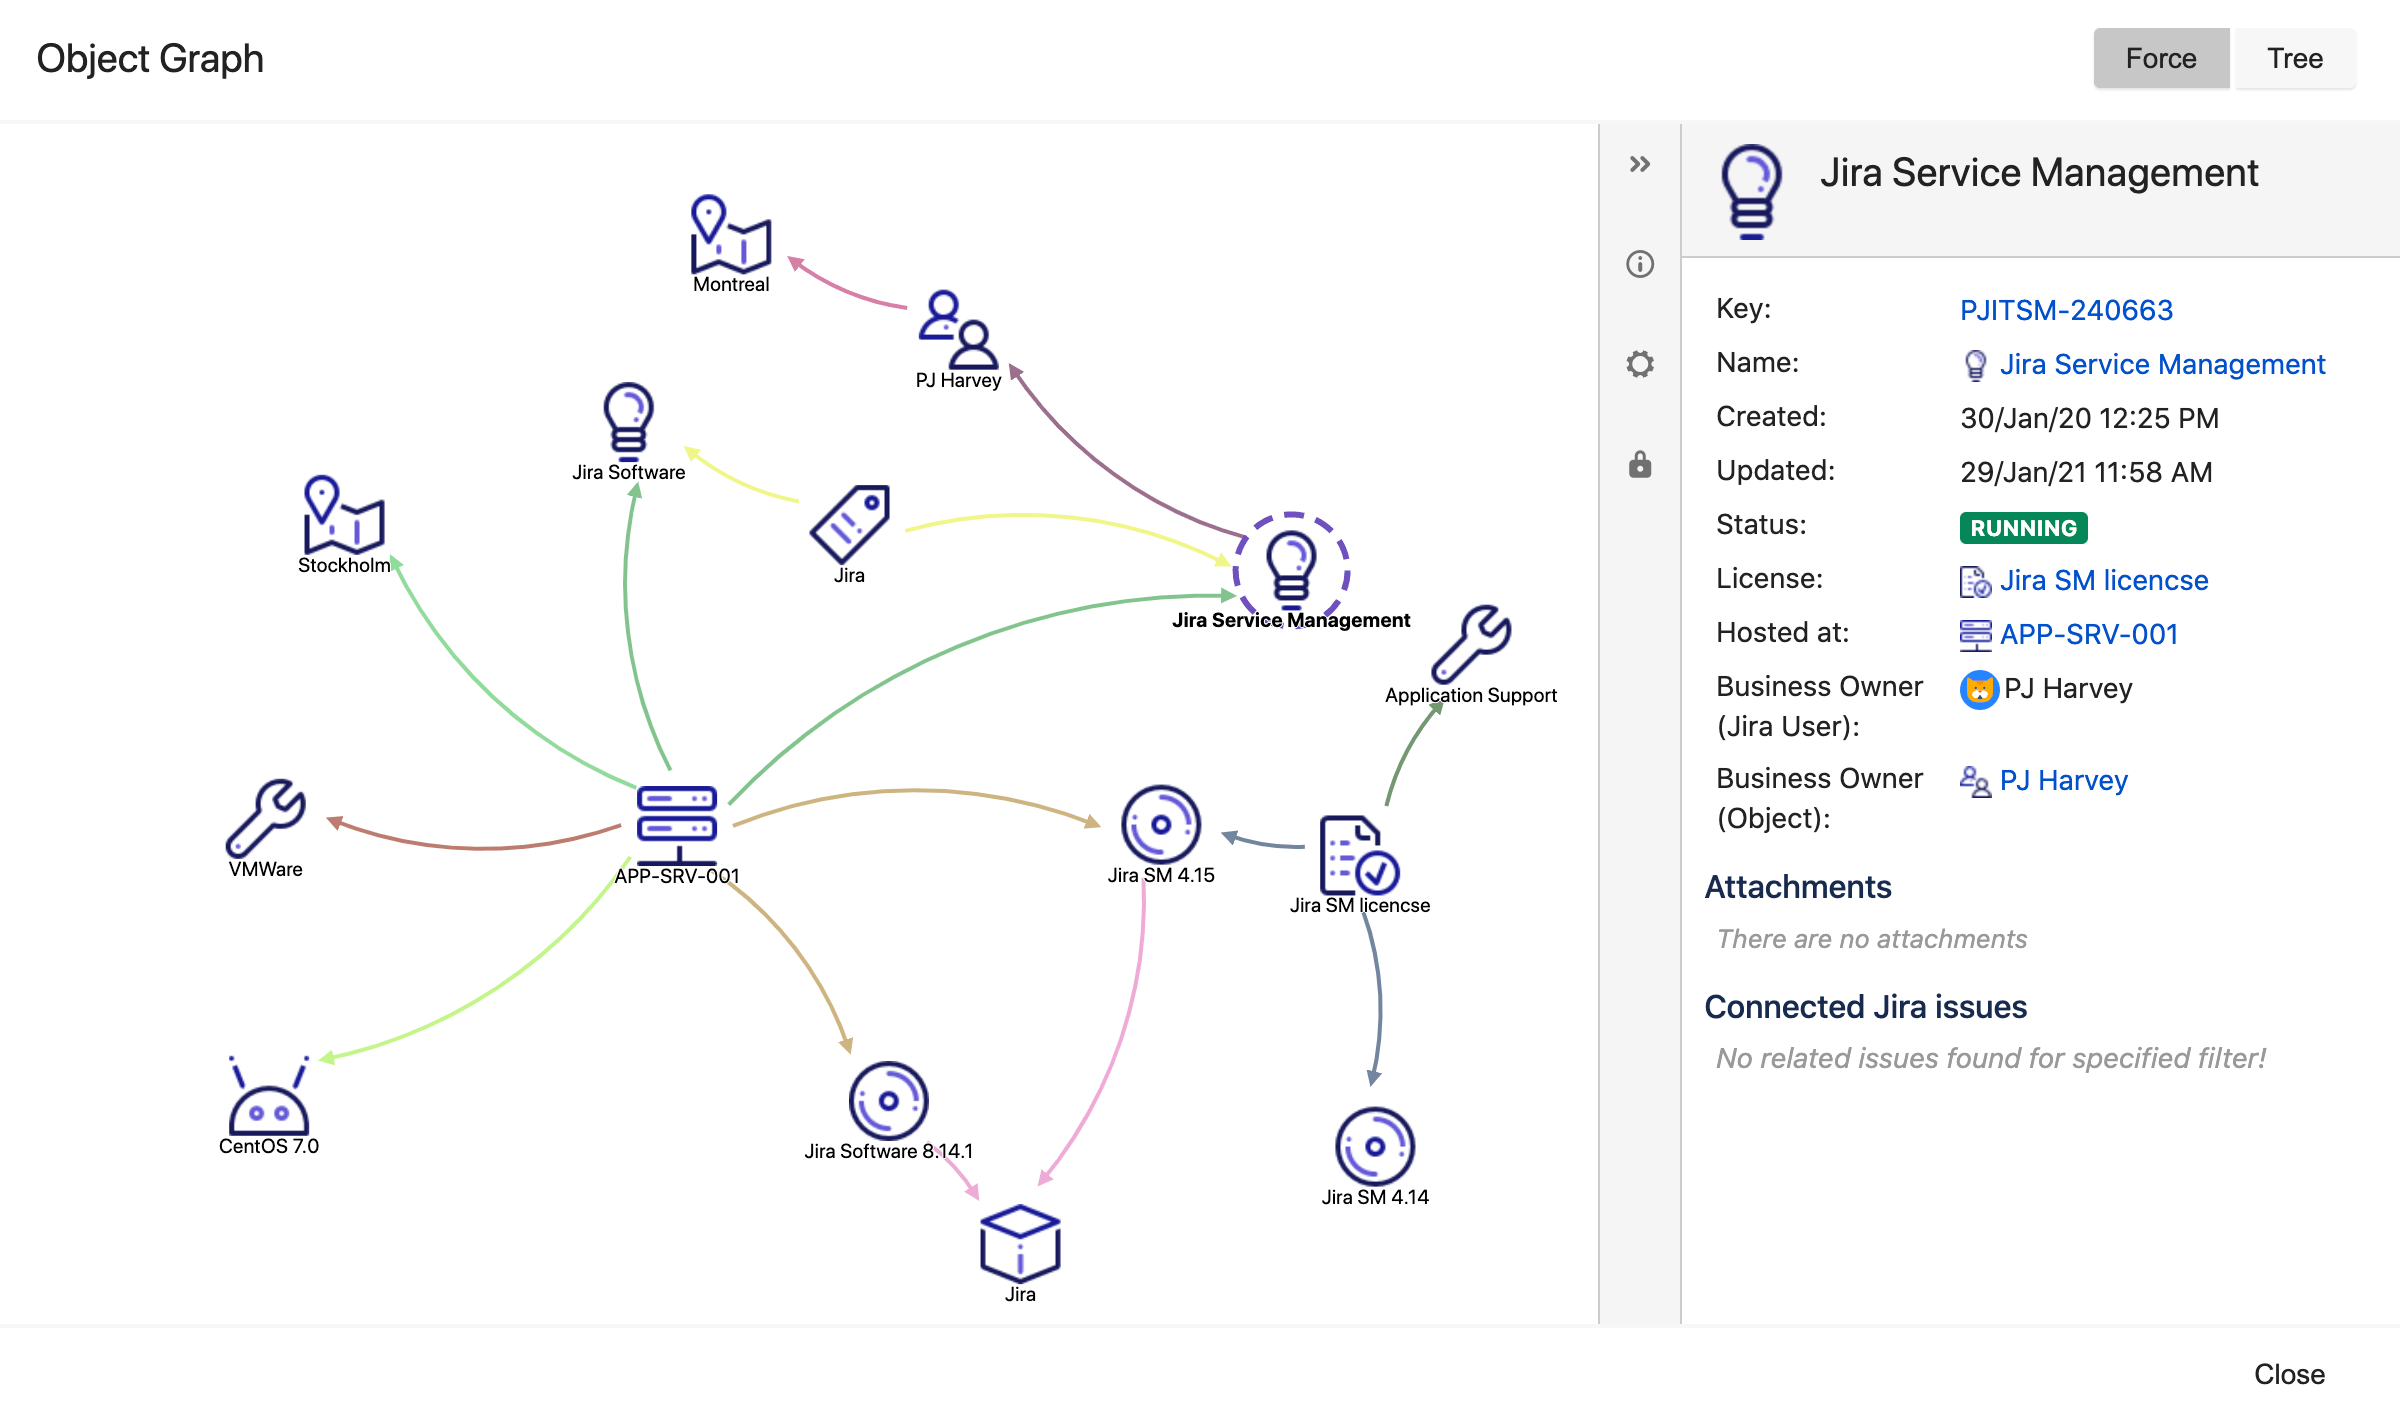 Fenêtre de l'afficheur graphiqueInsight pour l'objet «JiraServiceManagement». Affichage des dépendances telles que les hôtes sur lesquels elles se trouvent, leur système d'exploitation, les différentes versions de Jira requises et la licence.